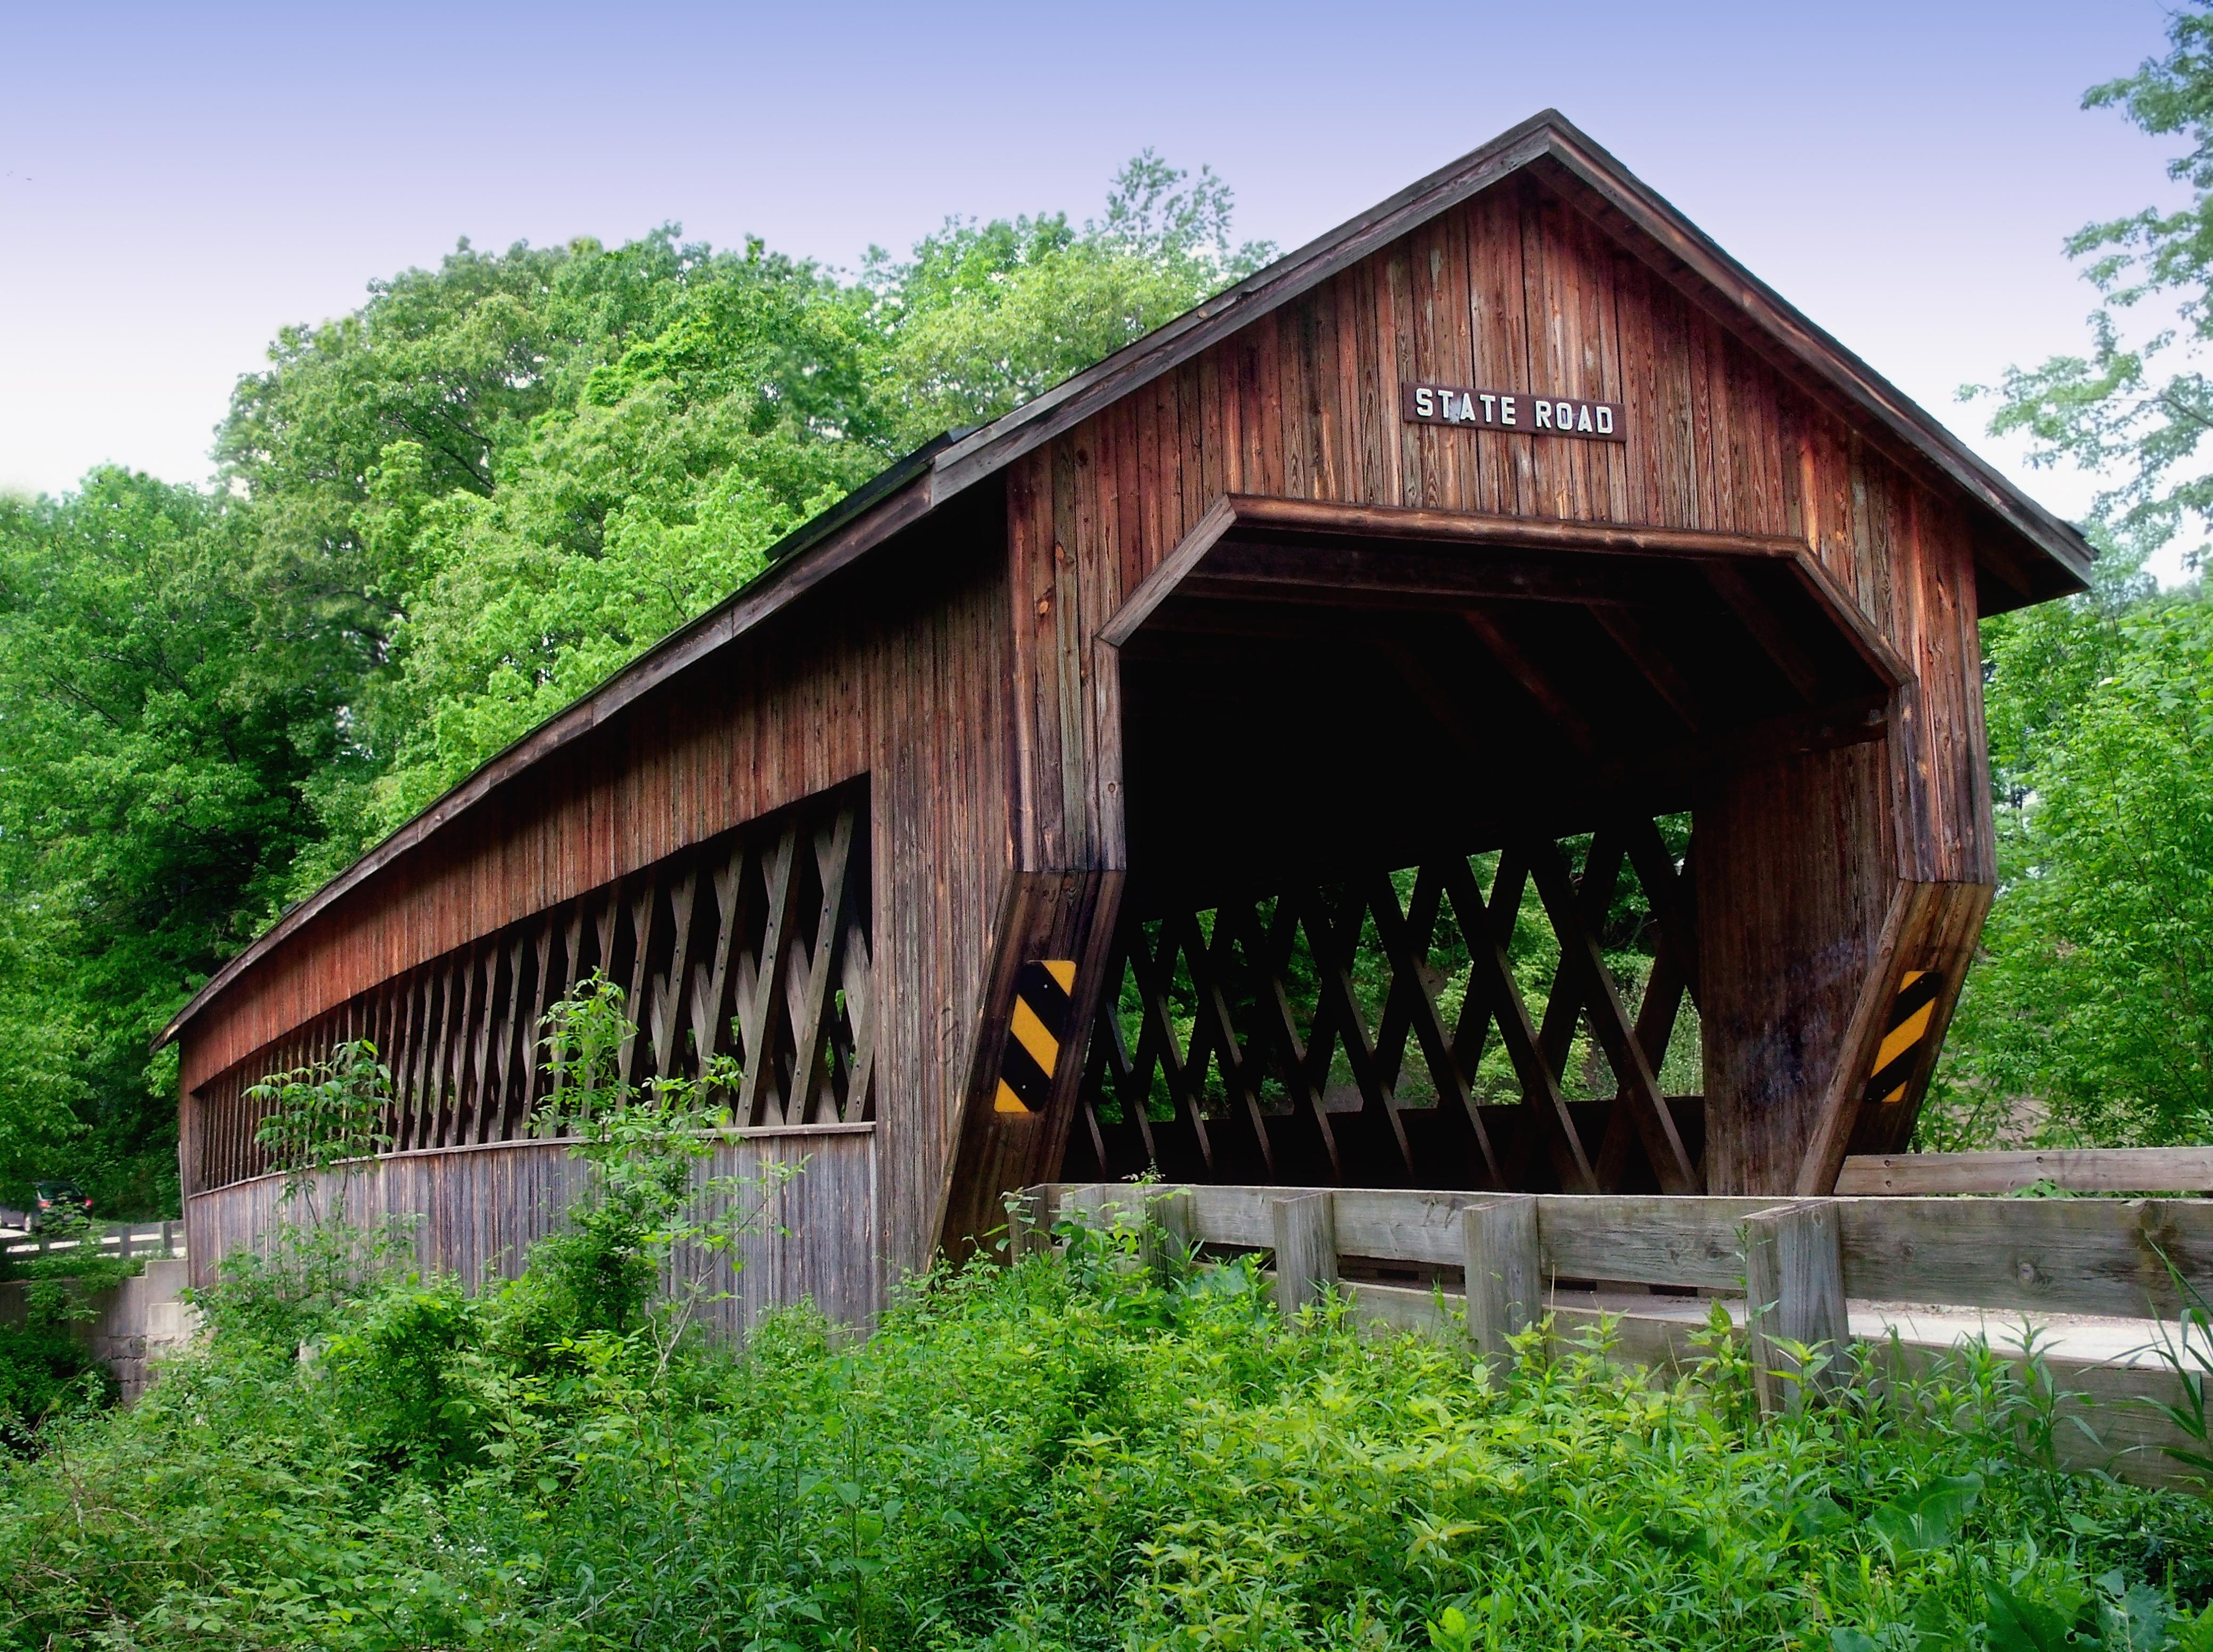 Ohio covered bridges pictures The Ghosts of Ohio - Lore Legends in Ohio - Boston